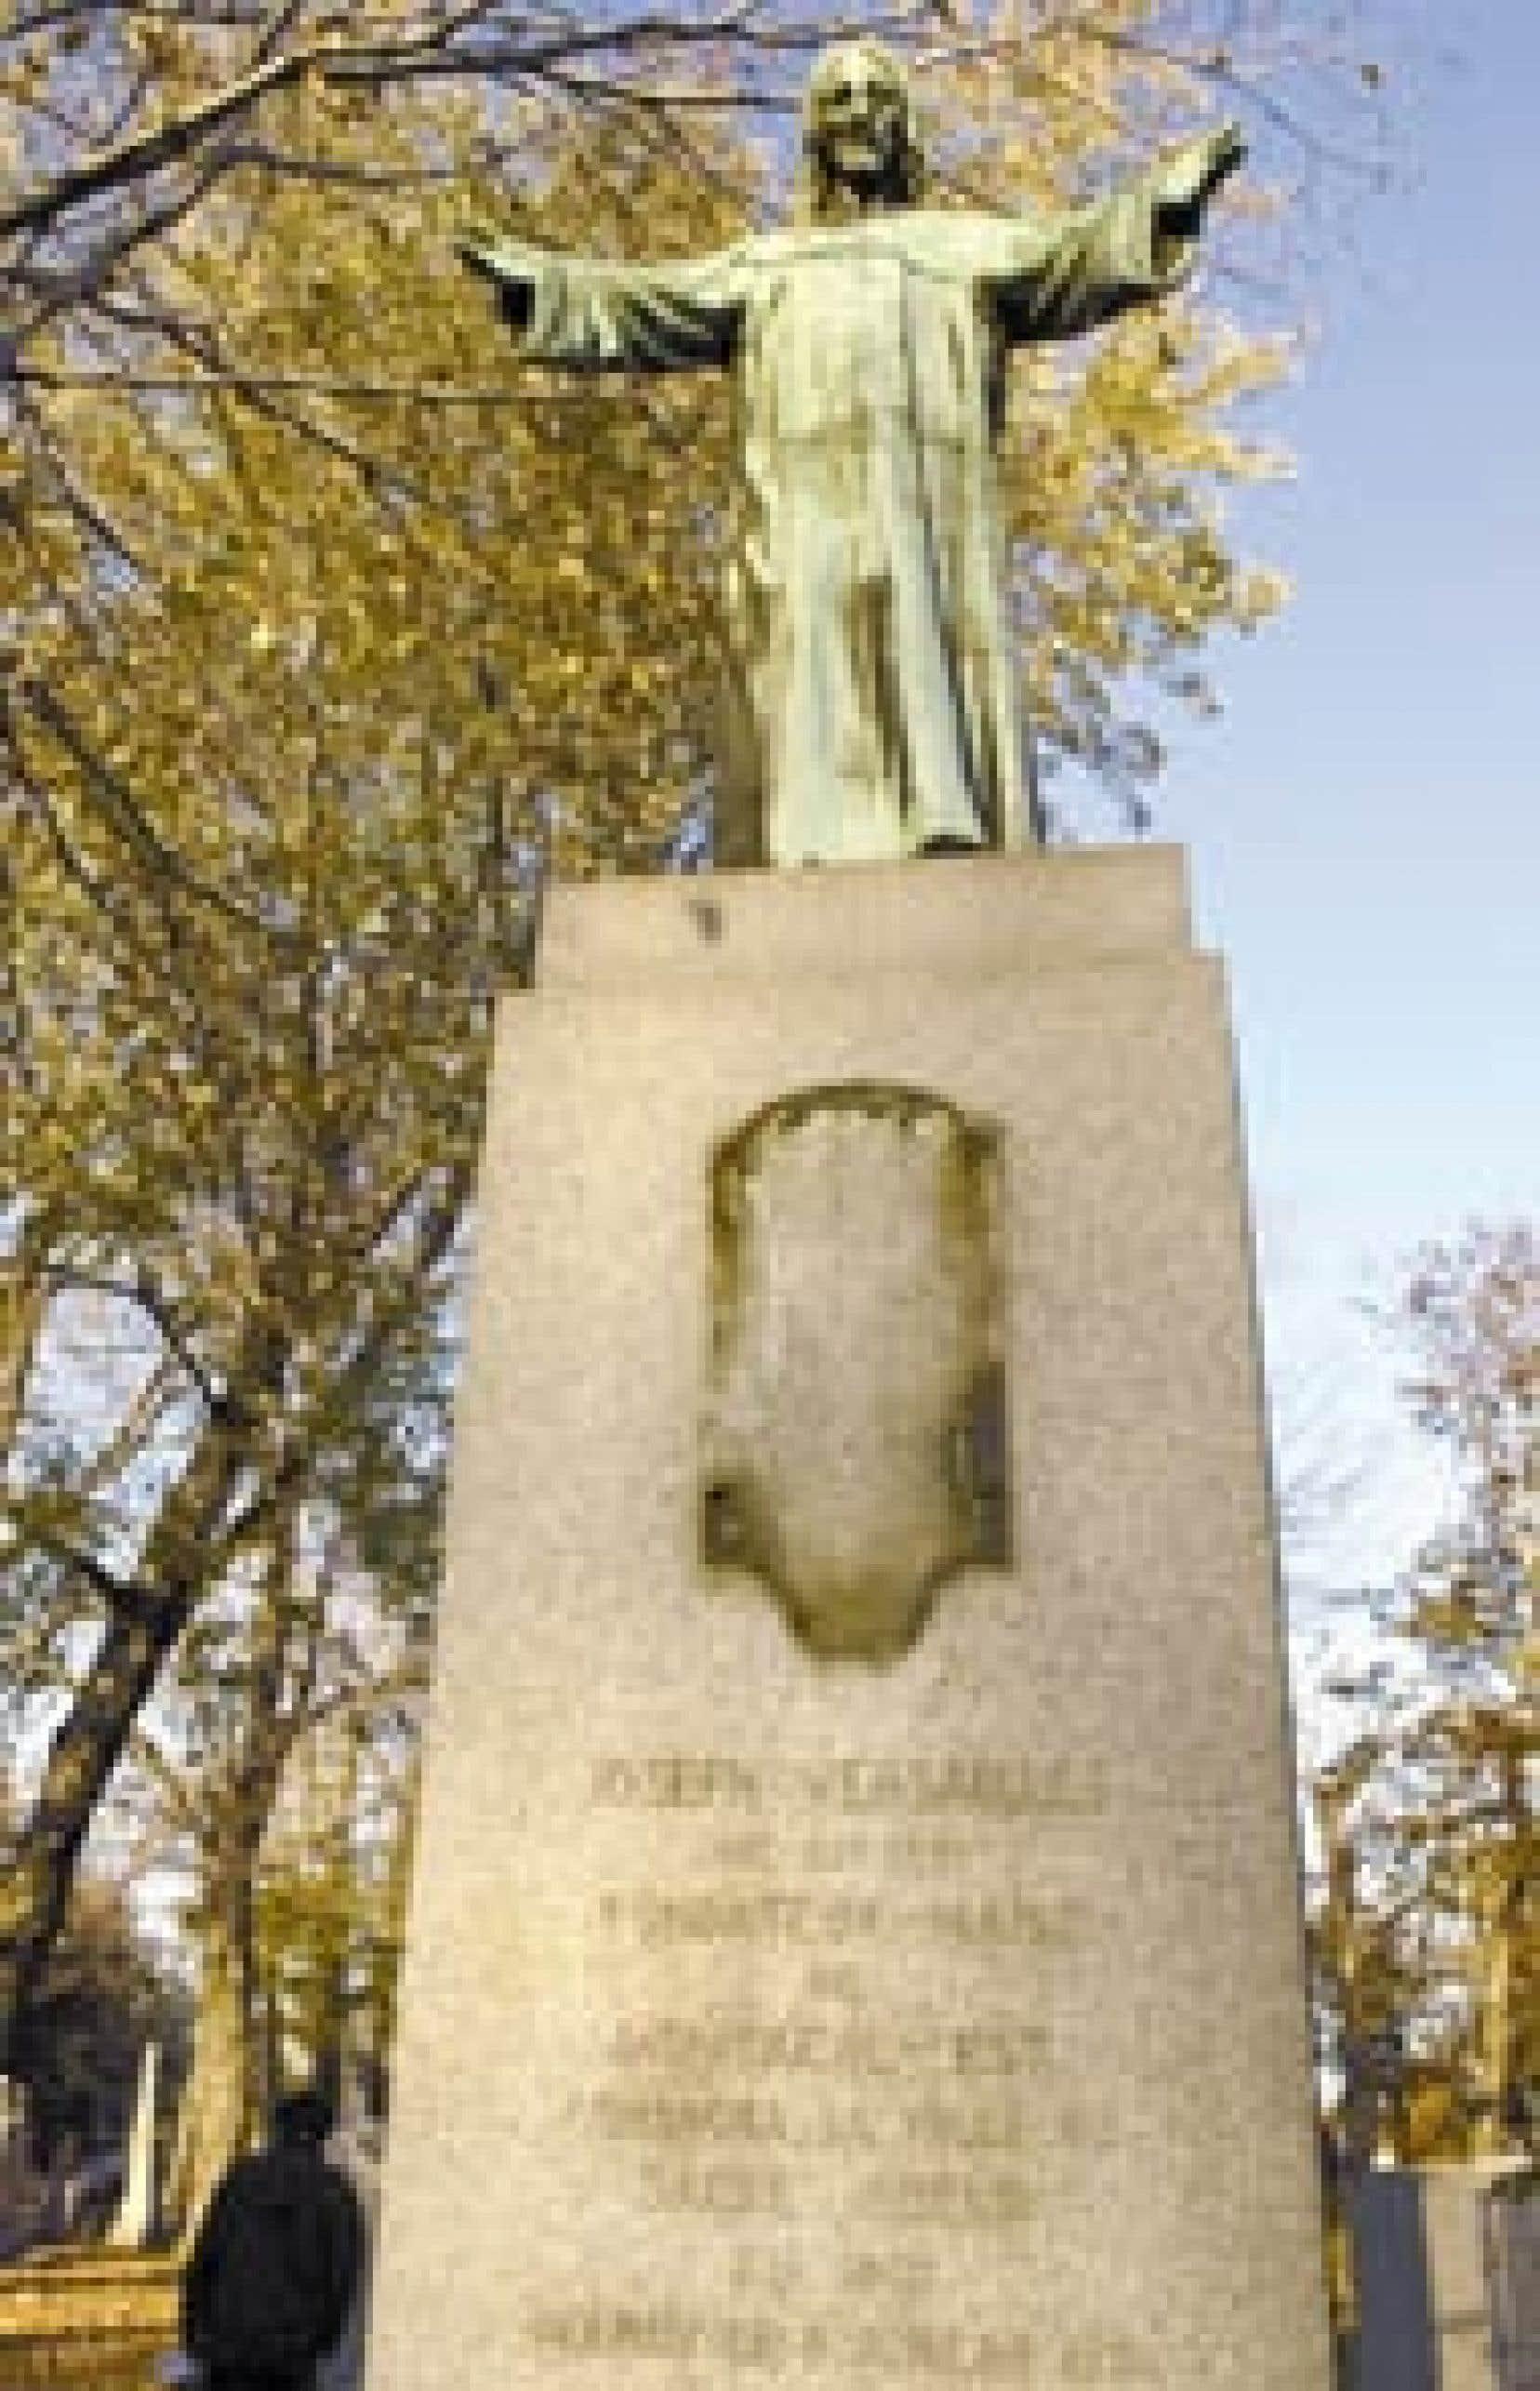 L'an dernier, une statue en bronze d'une hauteur de six pieds a été volée au cimetière Notre-Dame-des-Neiges. En septembre dernier, une applique du monument funéraire de la famille Versailles a subi le même sort. Et le fléau se poursuit.